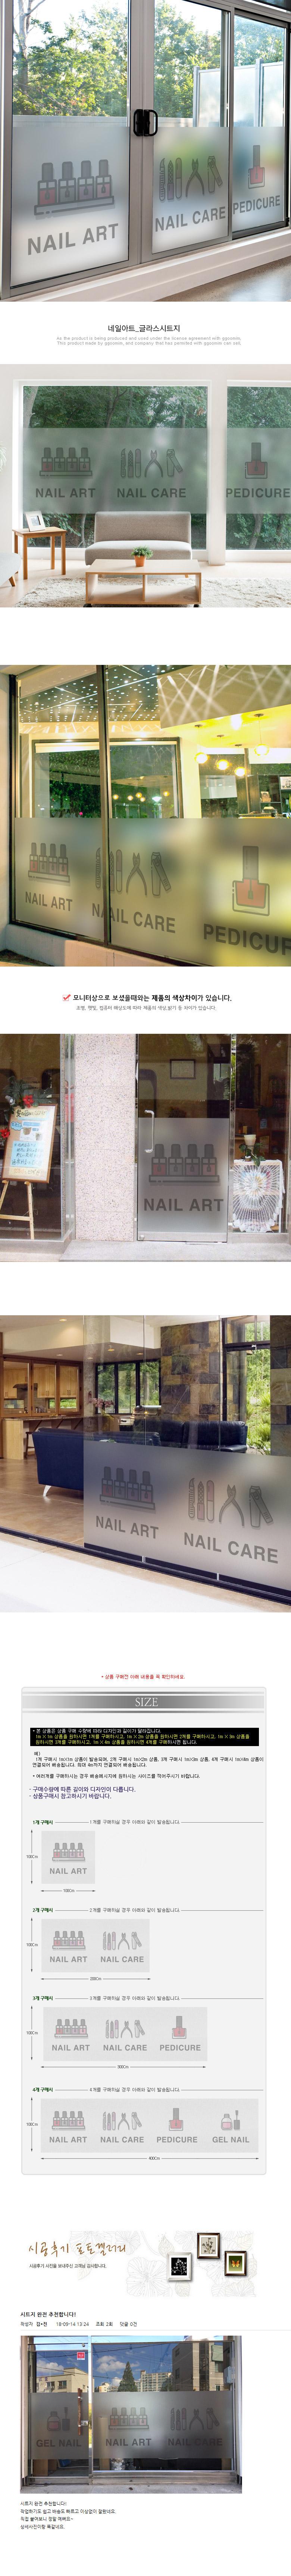 ig265-네일아트_글라스시트지 - 꾸밈, 16,000원, 벽지/시트지, 디자인 시트지